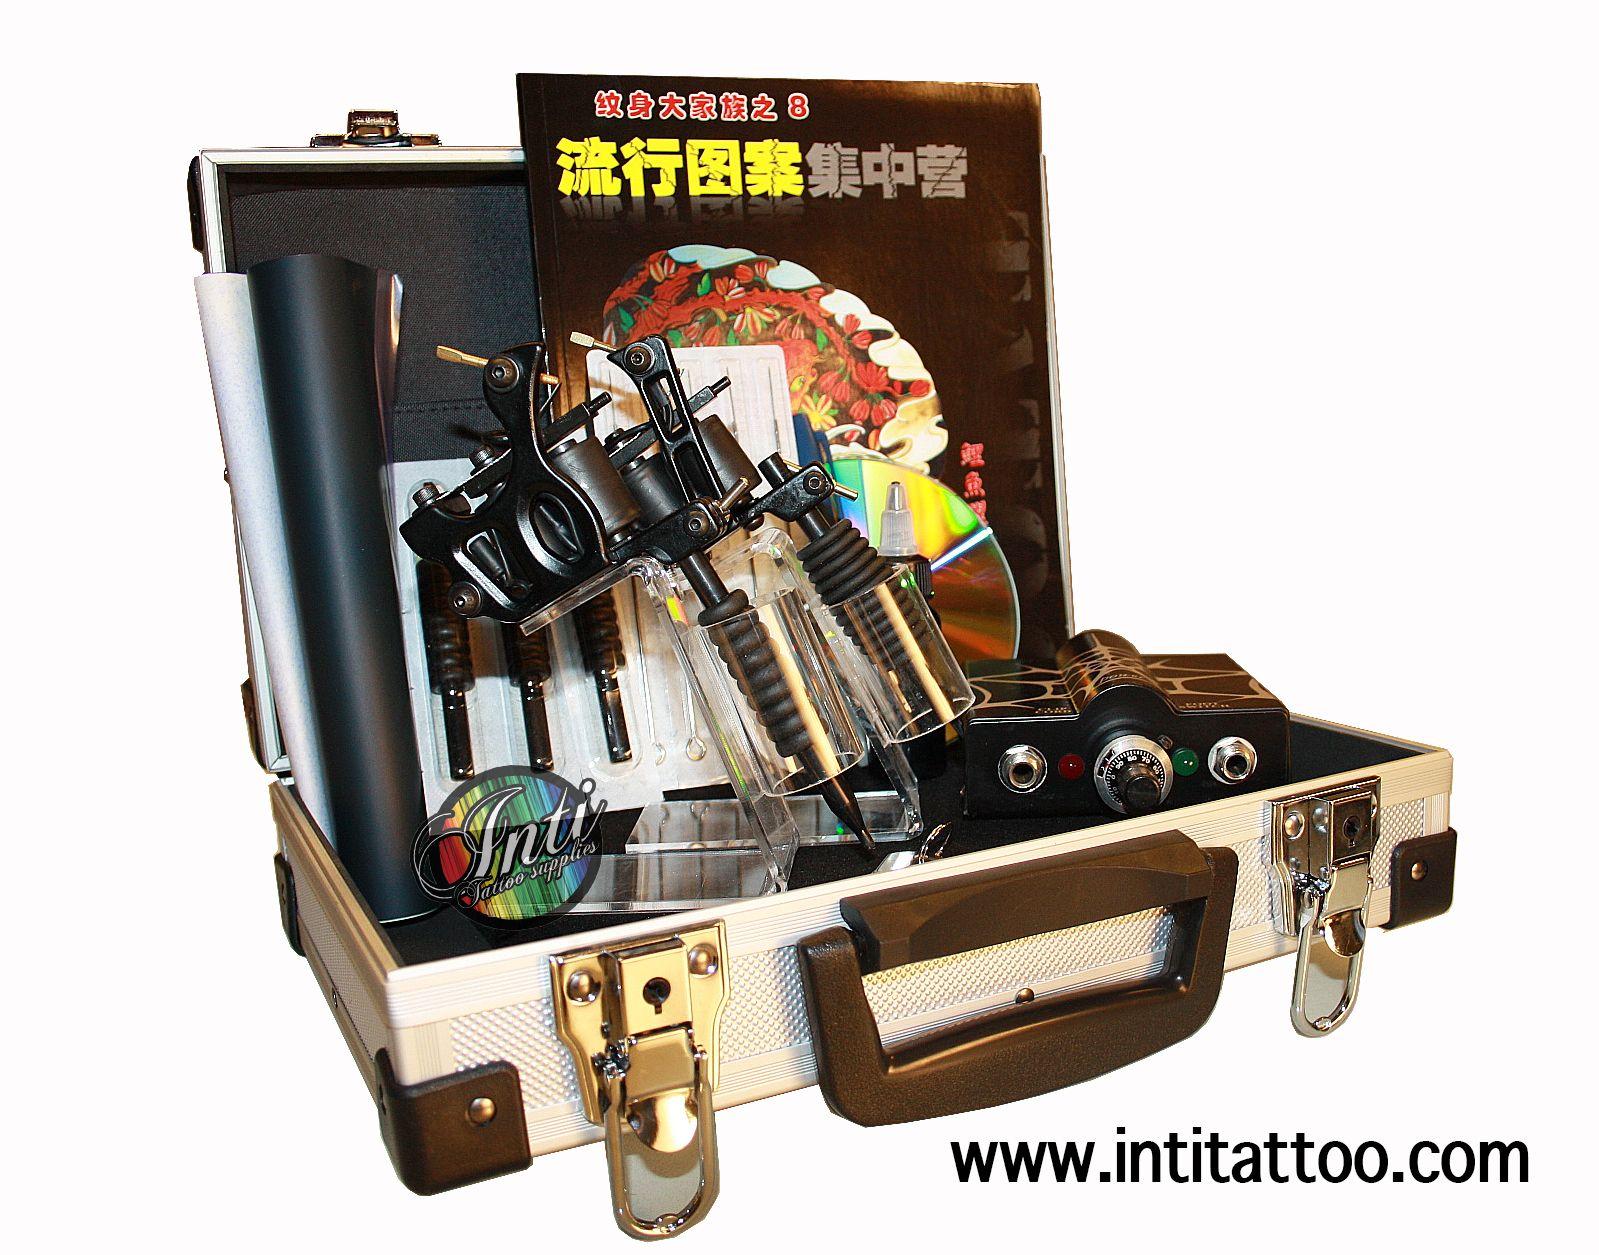 #Kittattoos www.intitattoo.com